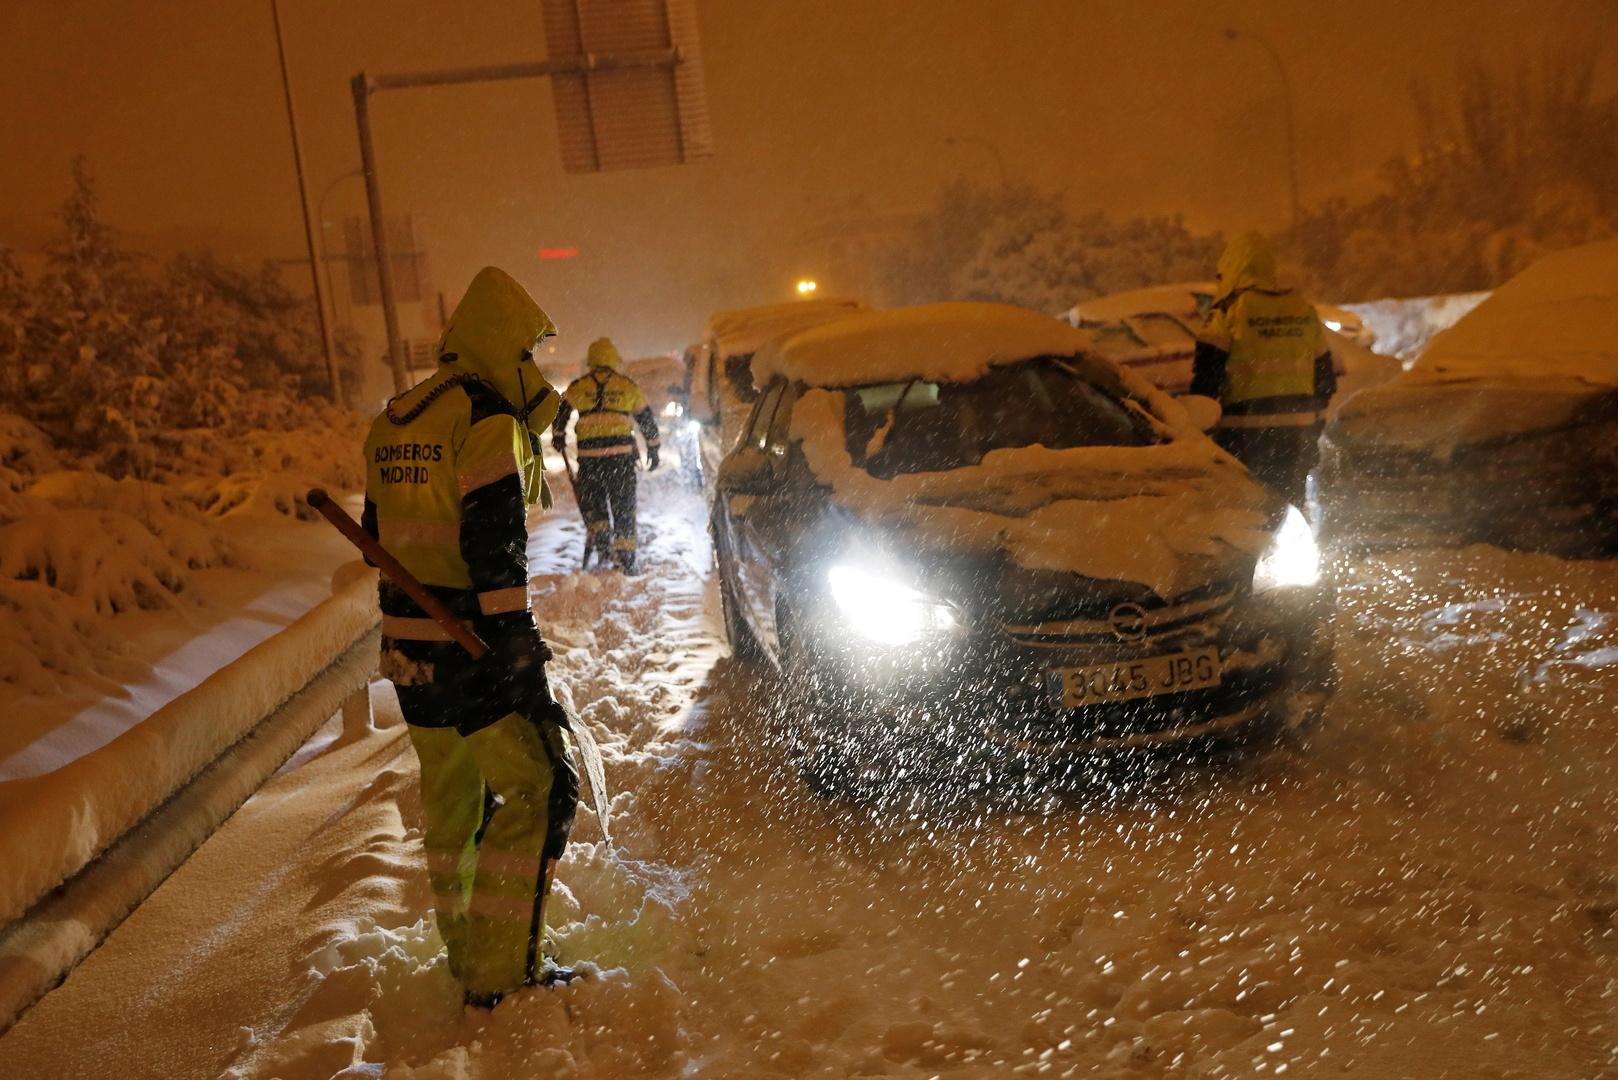 العاصفة الثلجية في إسبانيا تتسبب بمصرع شخصين واحتجاز العديد في سياراتهم